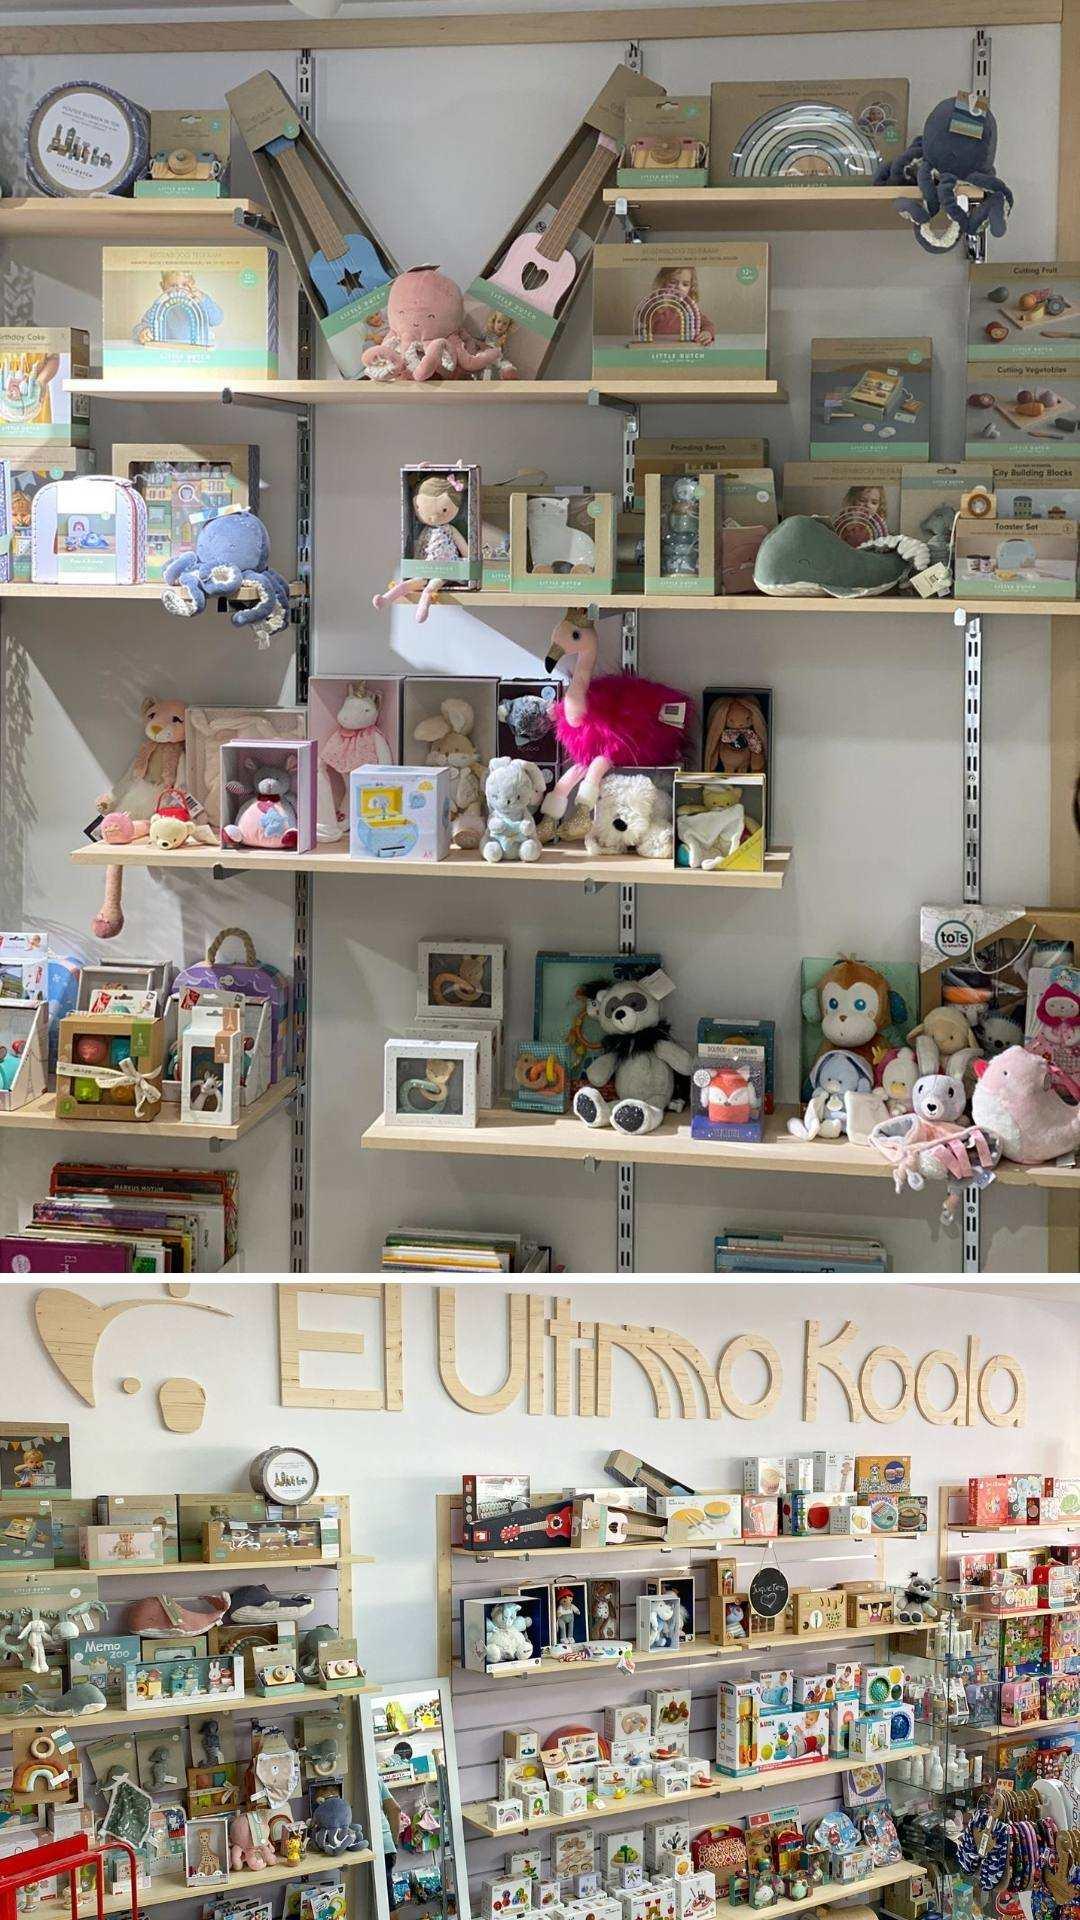 tienda juguetes bebe madrid ultimo koala